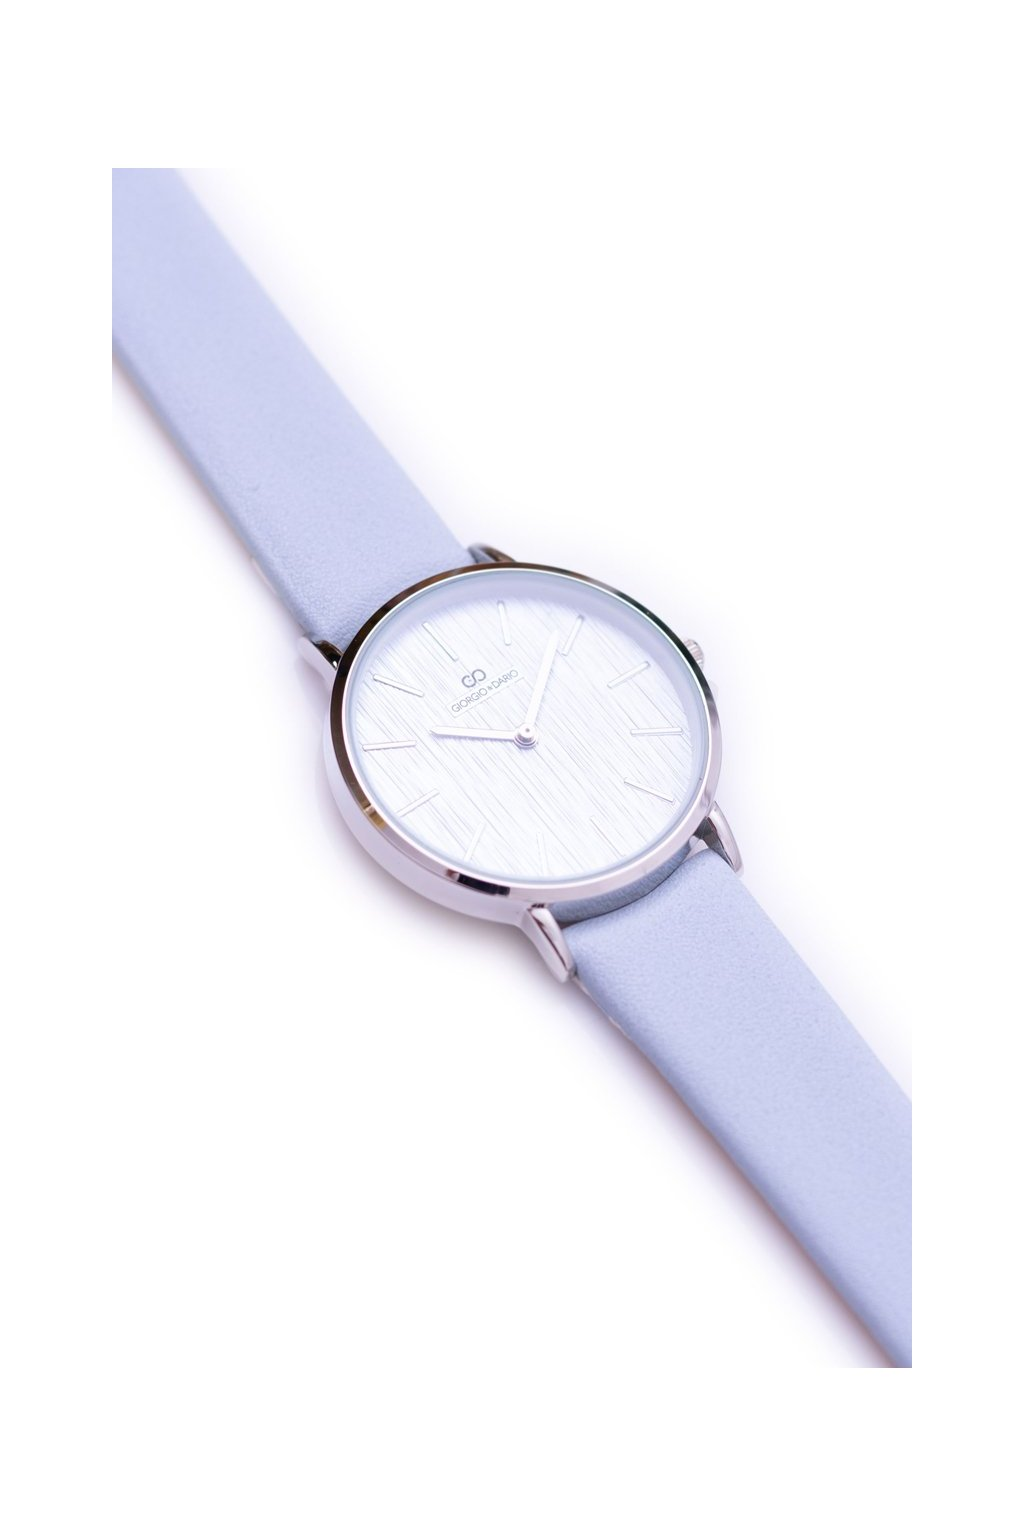 Dámske hodinky Giorgio & Dario Jules modré